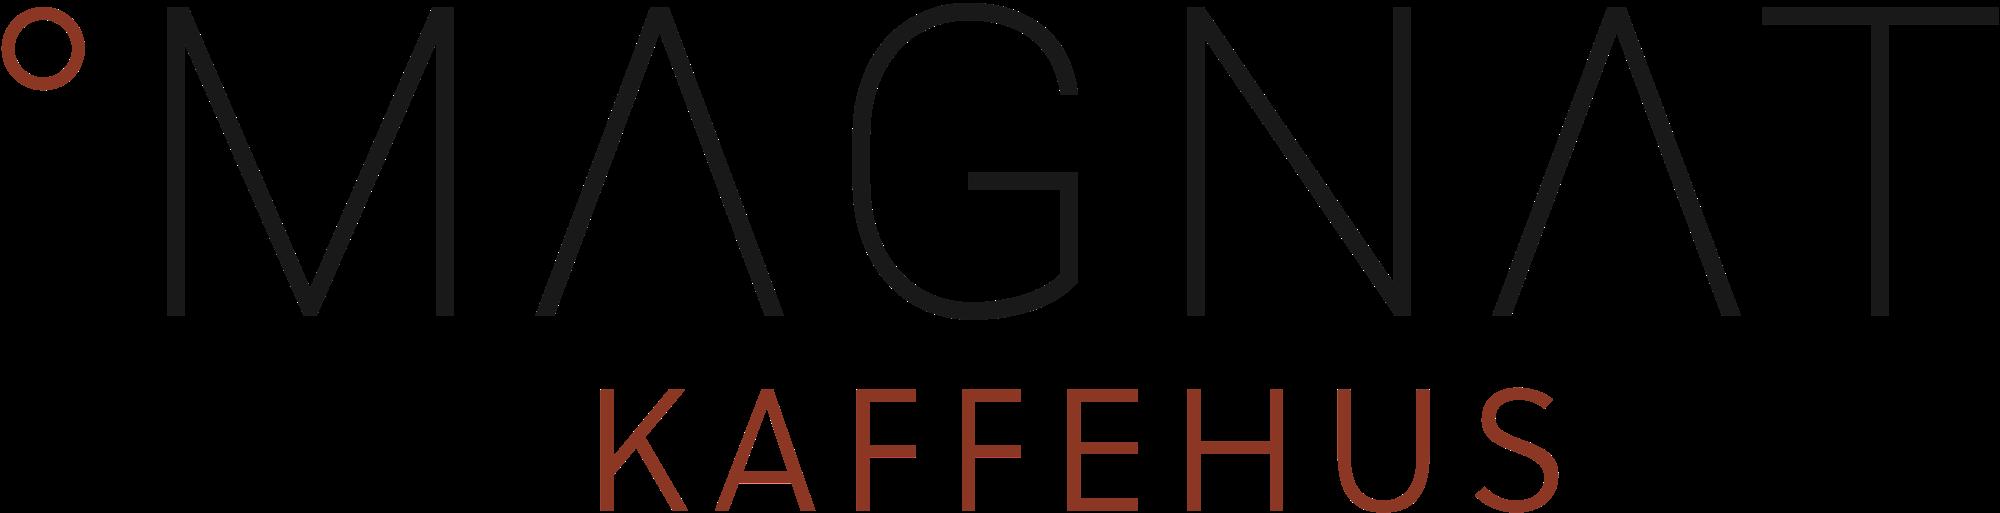 Magnat Kaffehus's logo.